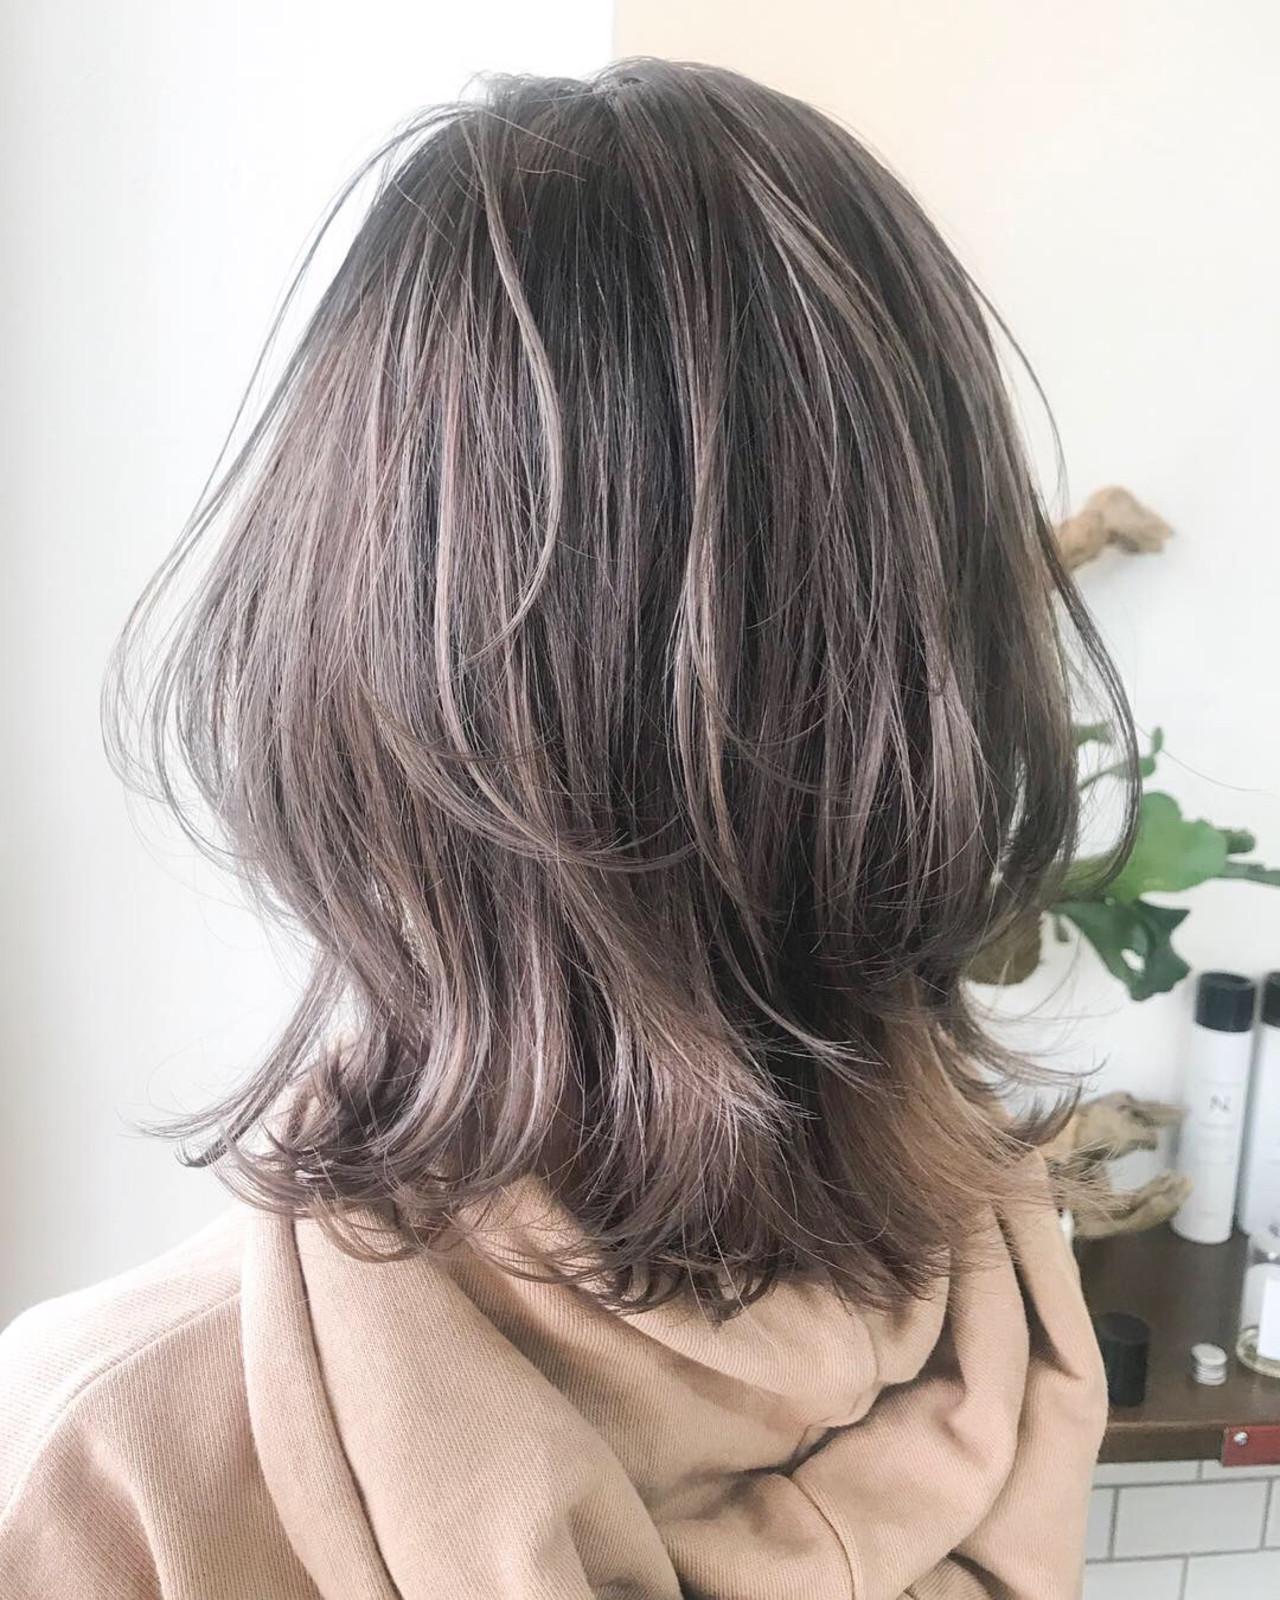 ラベンダーアッシュ ミディアム ナチュラル ニュアンスウルフ ヘアスタイルや髪型の写真・画像 | Akane Ueda / Chillin Room